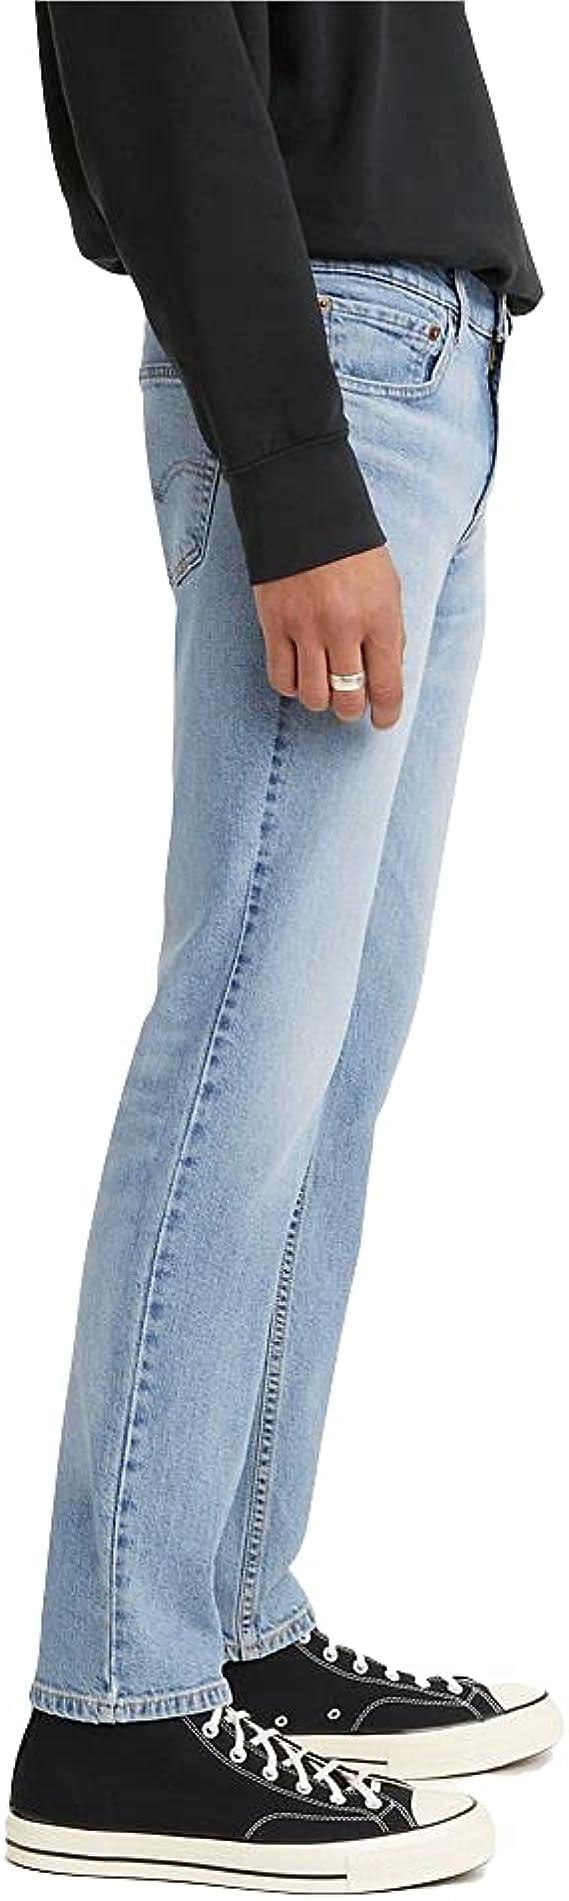 Levi/'s Men/'s 32 X 30 Slim Fit Jeans 04511-2157 Pants Burgundy 100/% Cotton New